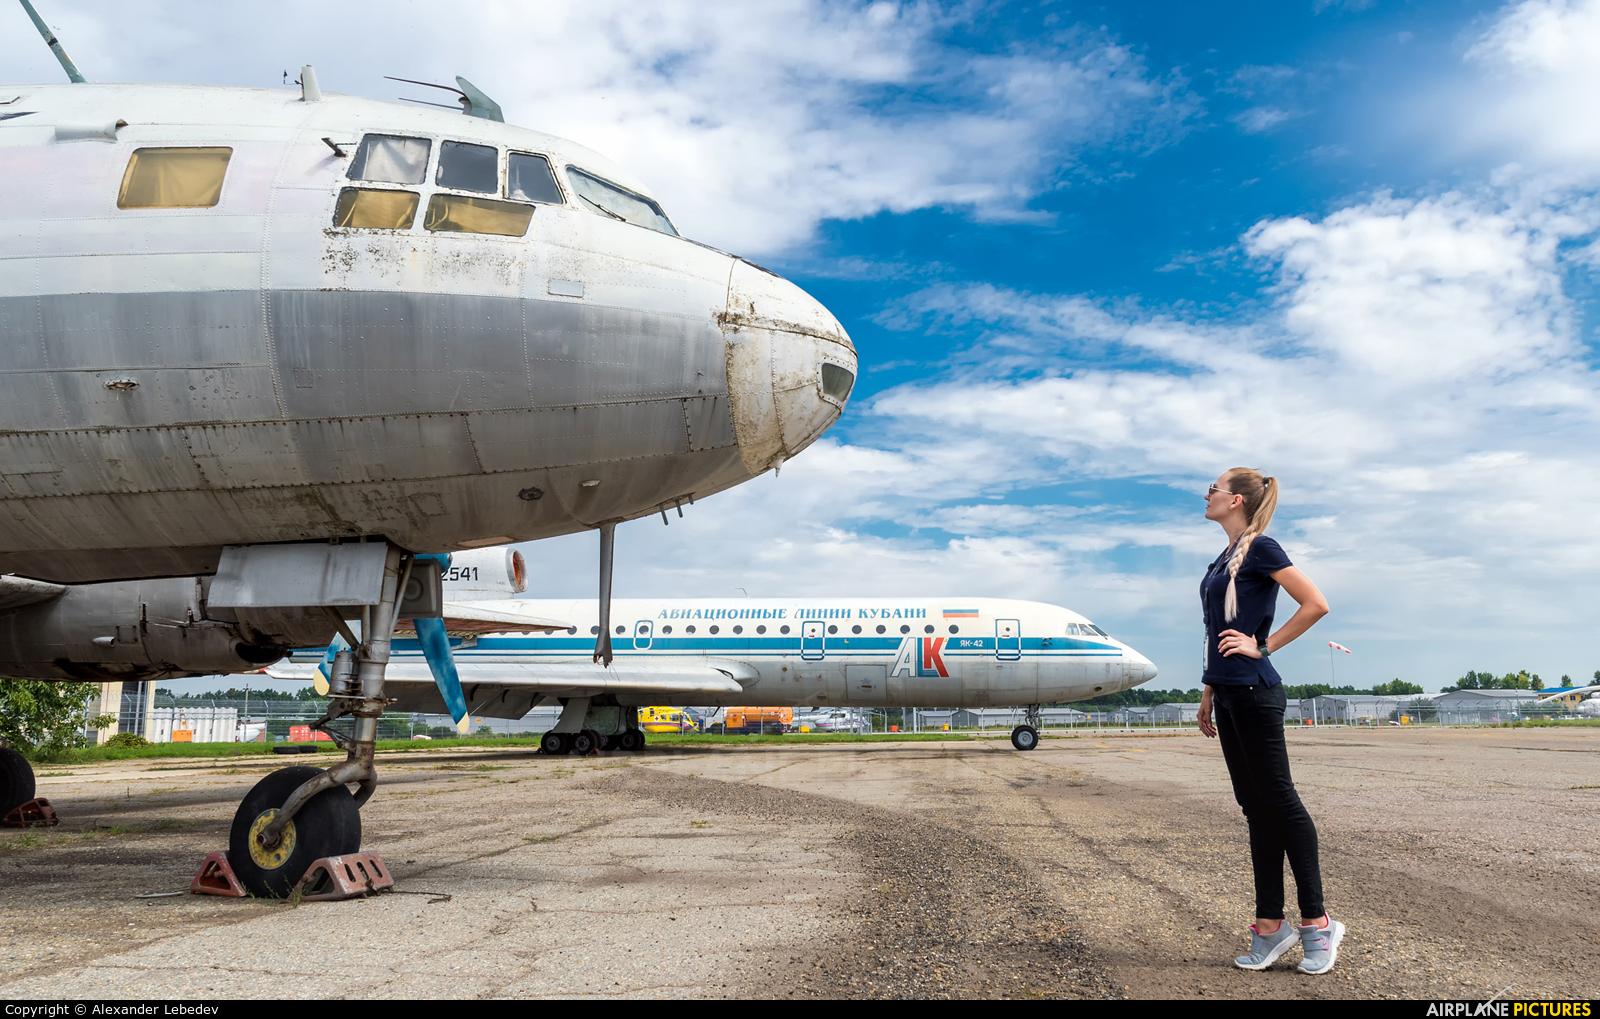 Aeroflot RA-02254 aircraft at Krasnodar